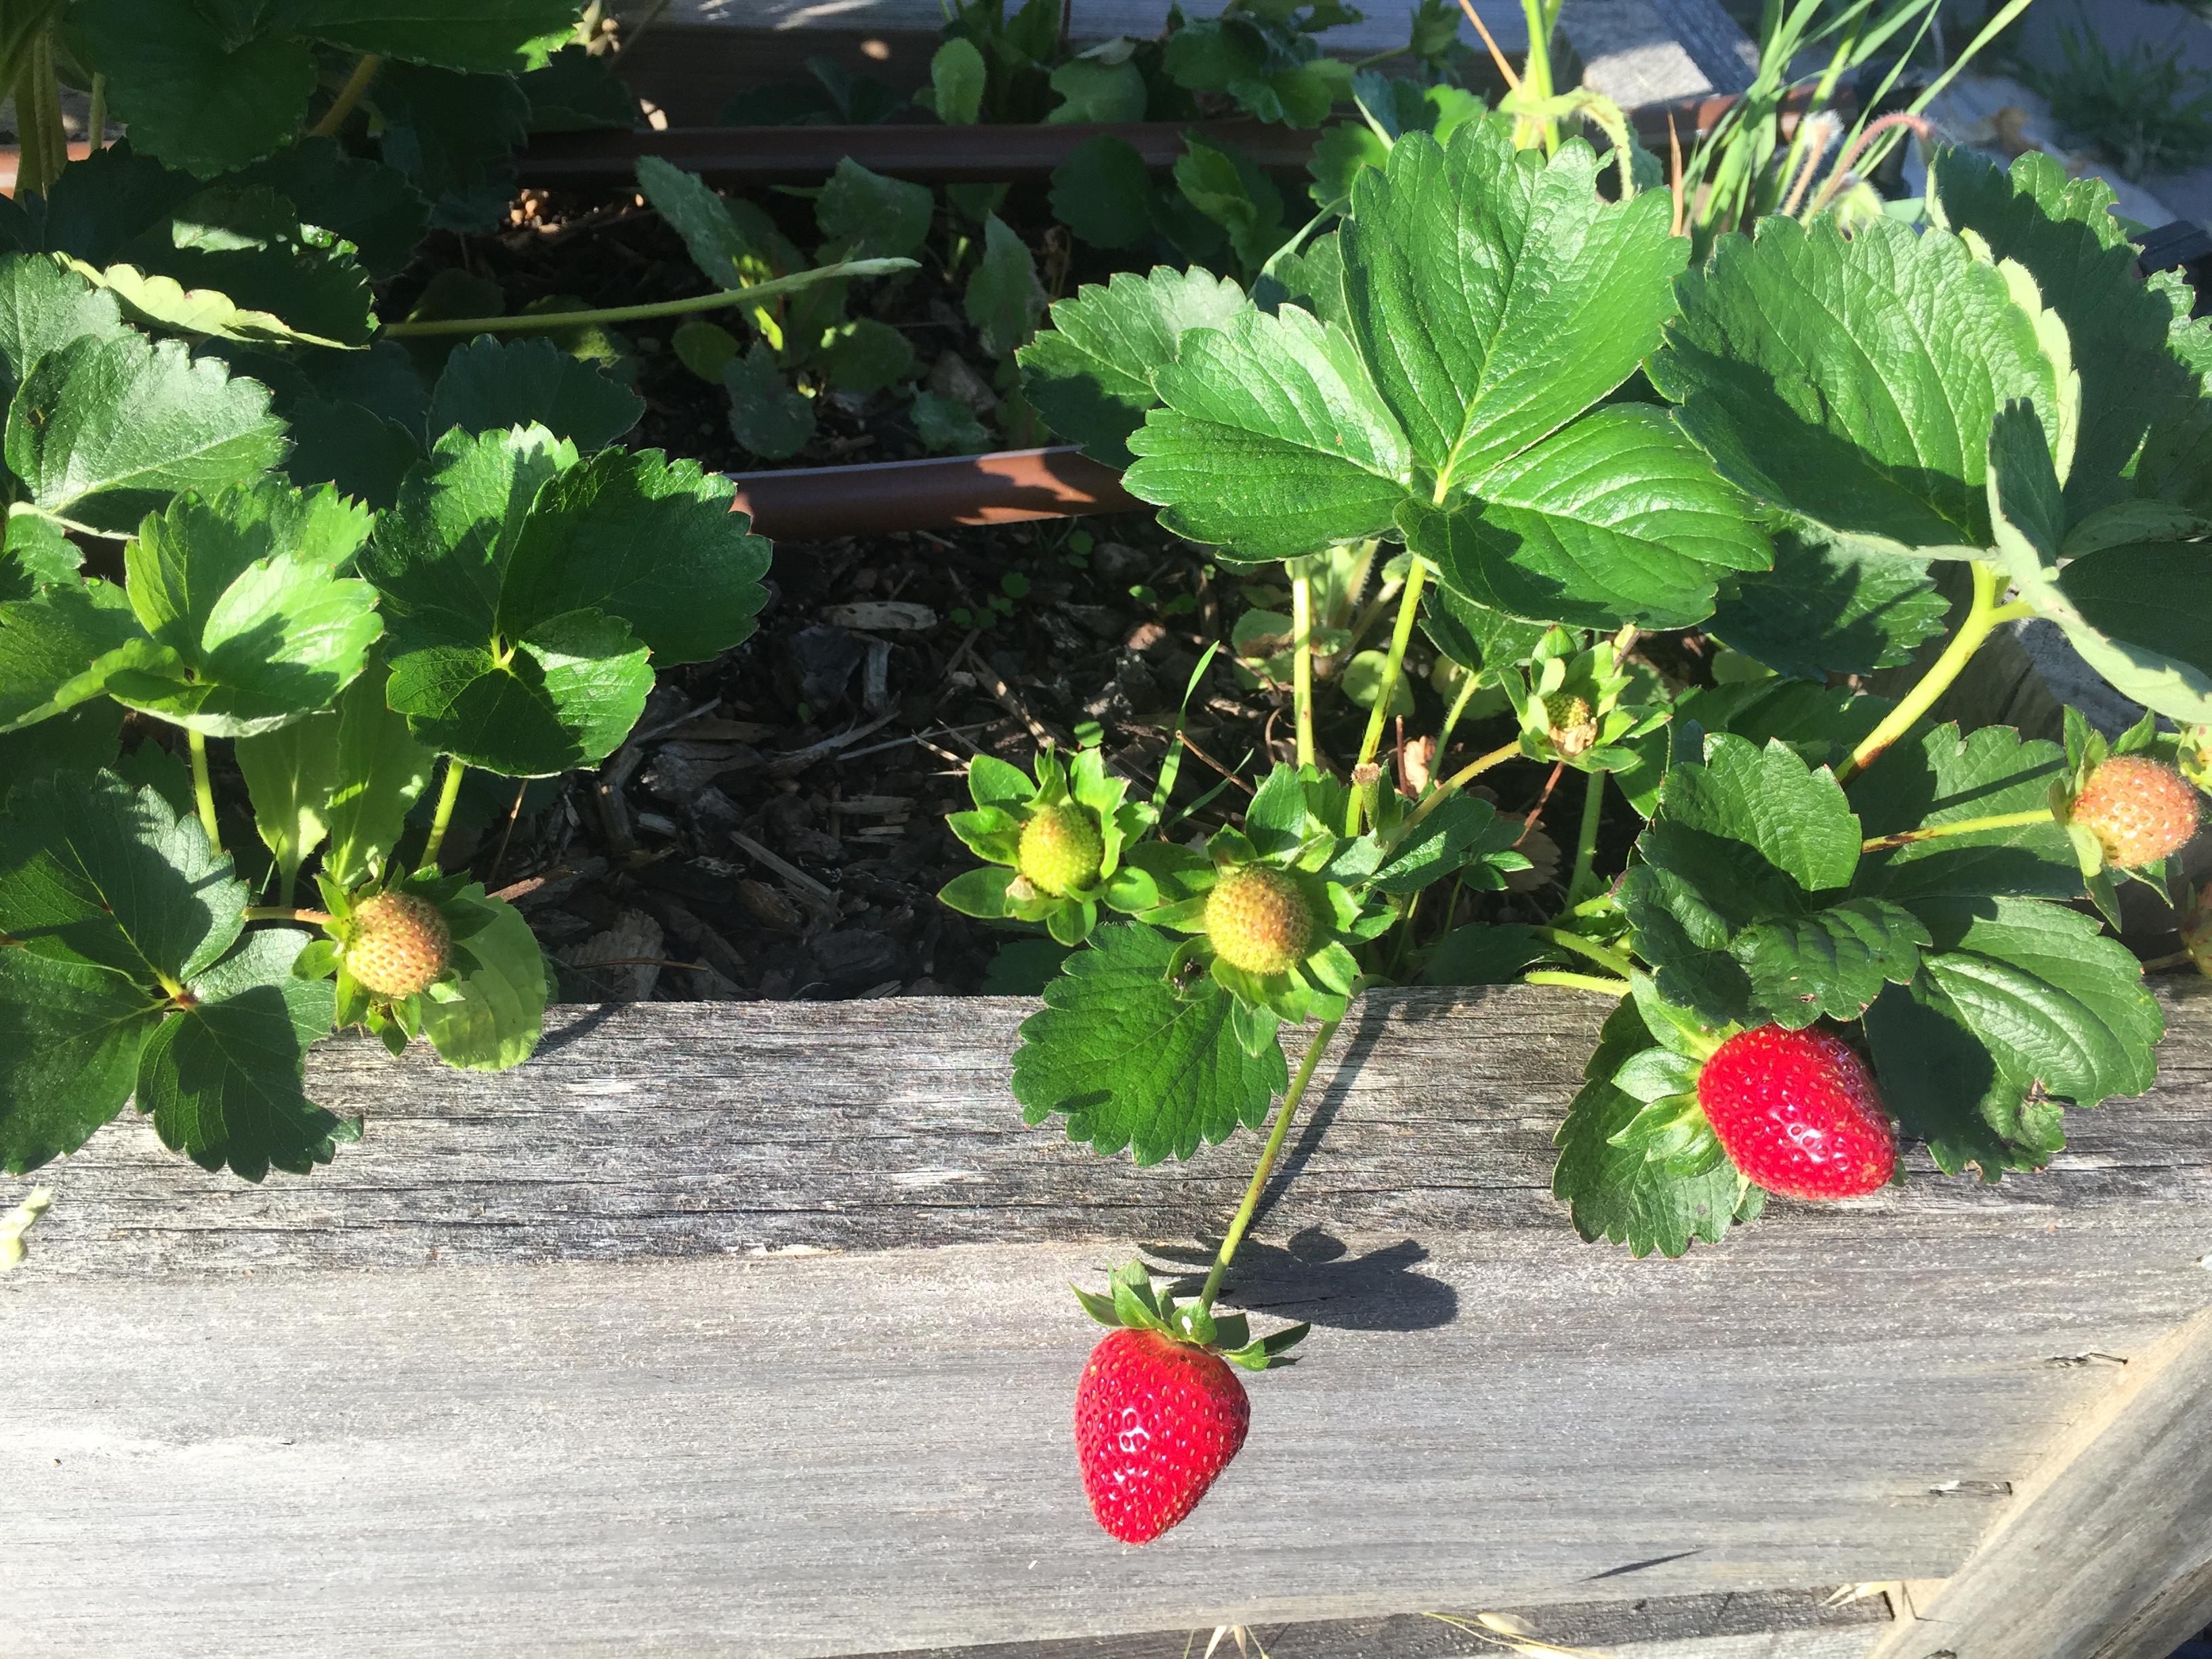 ESummer strawberries